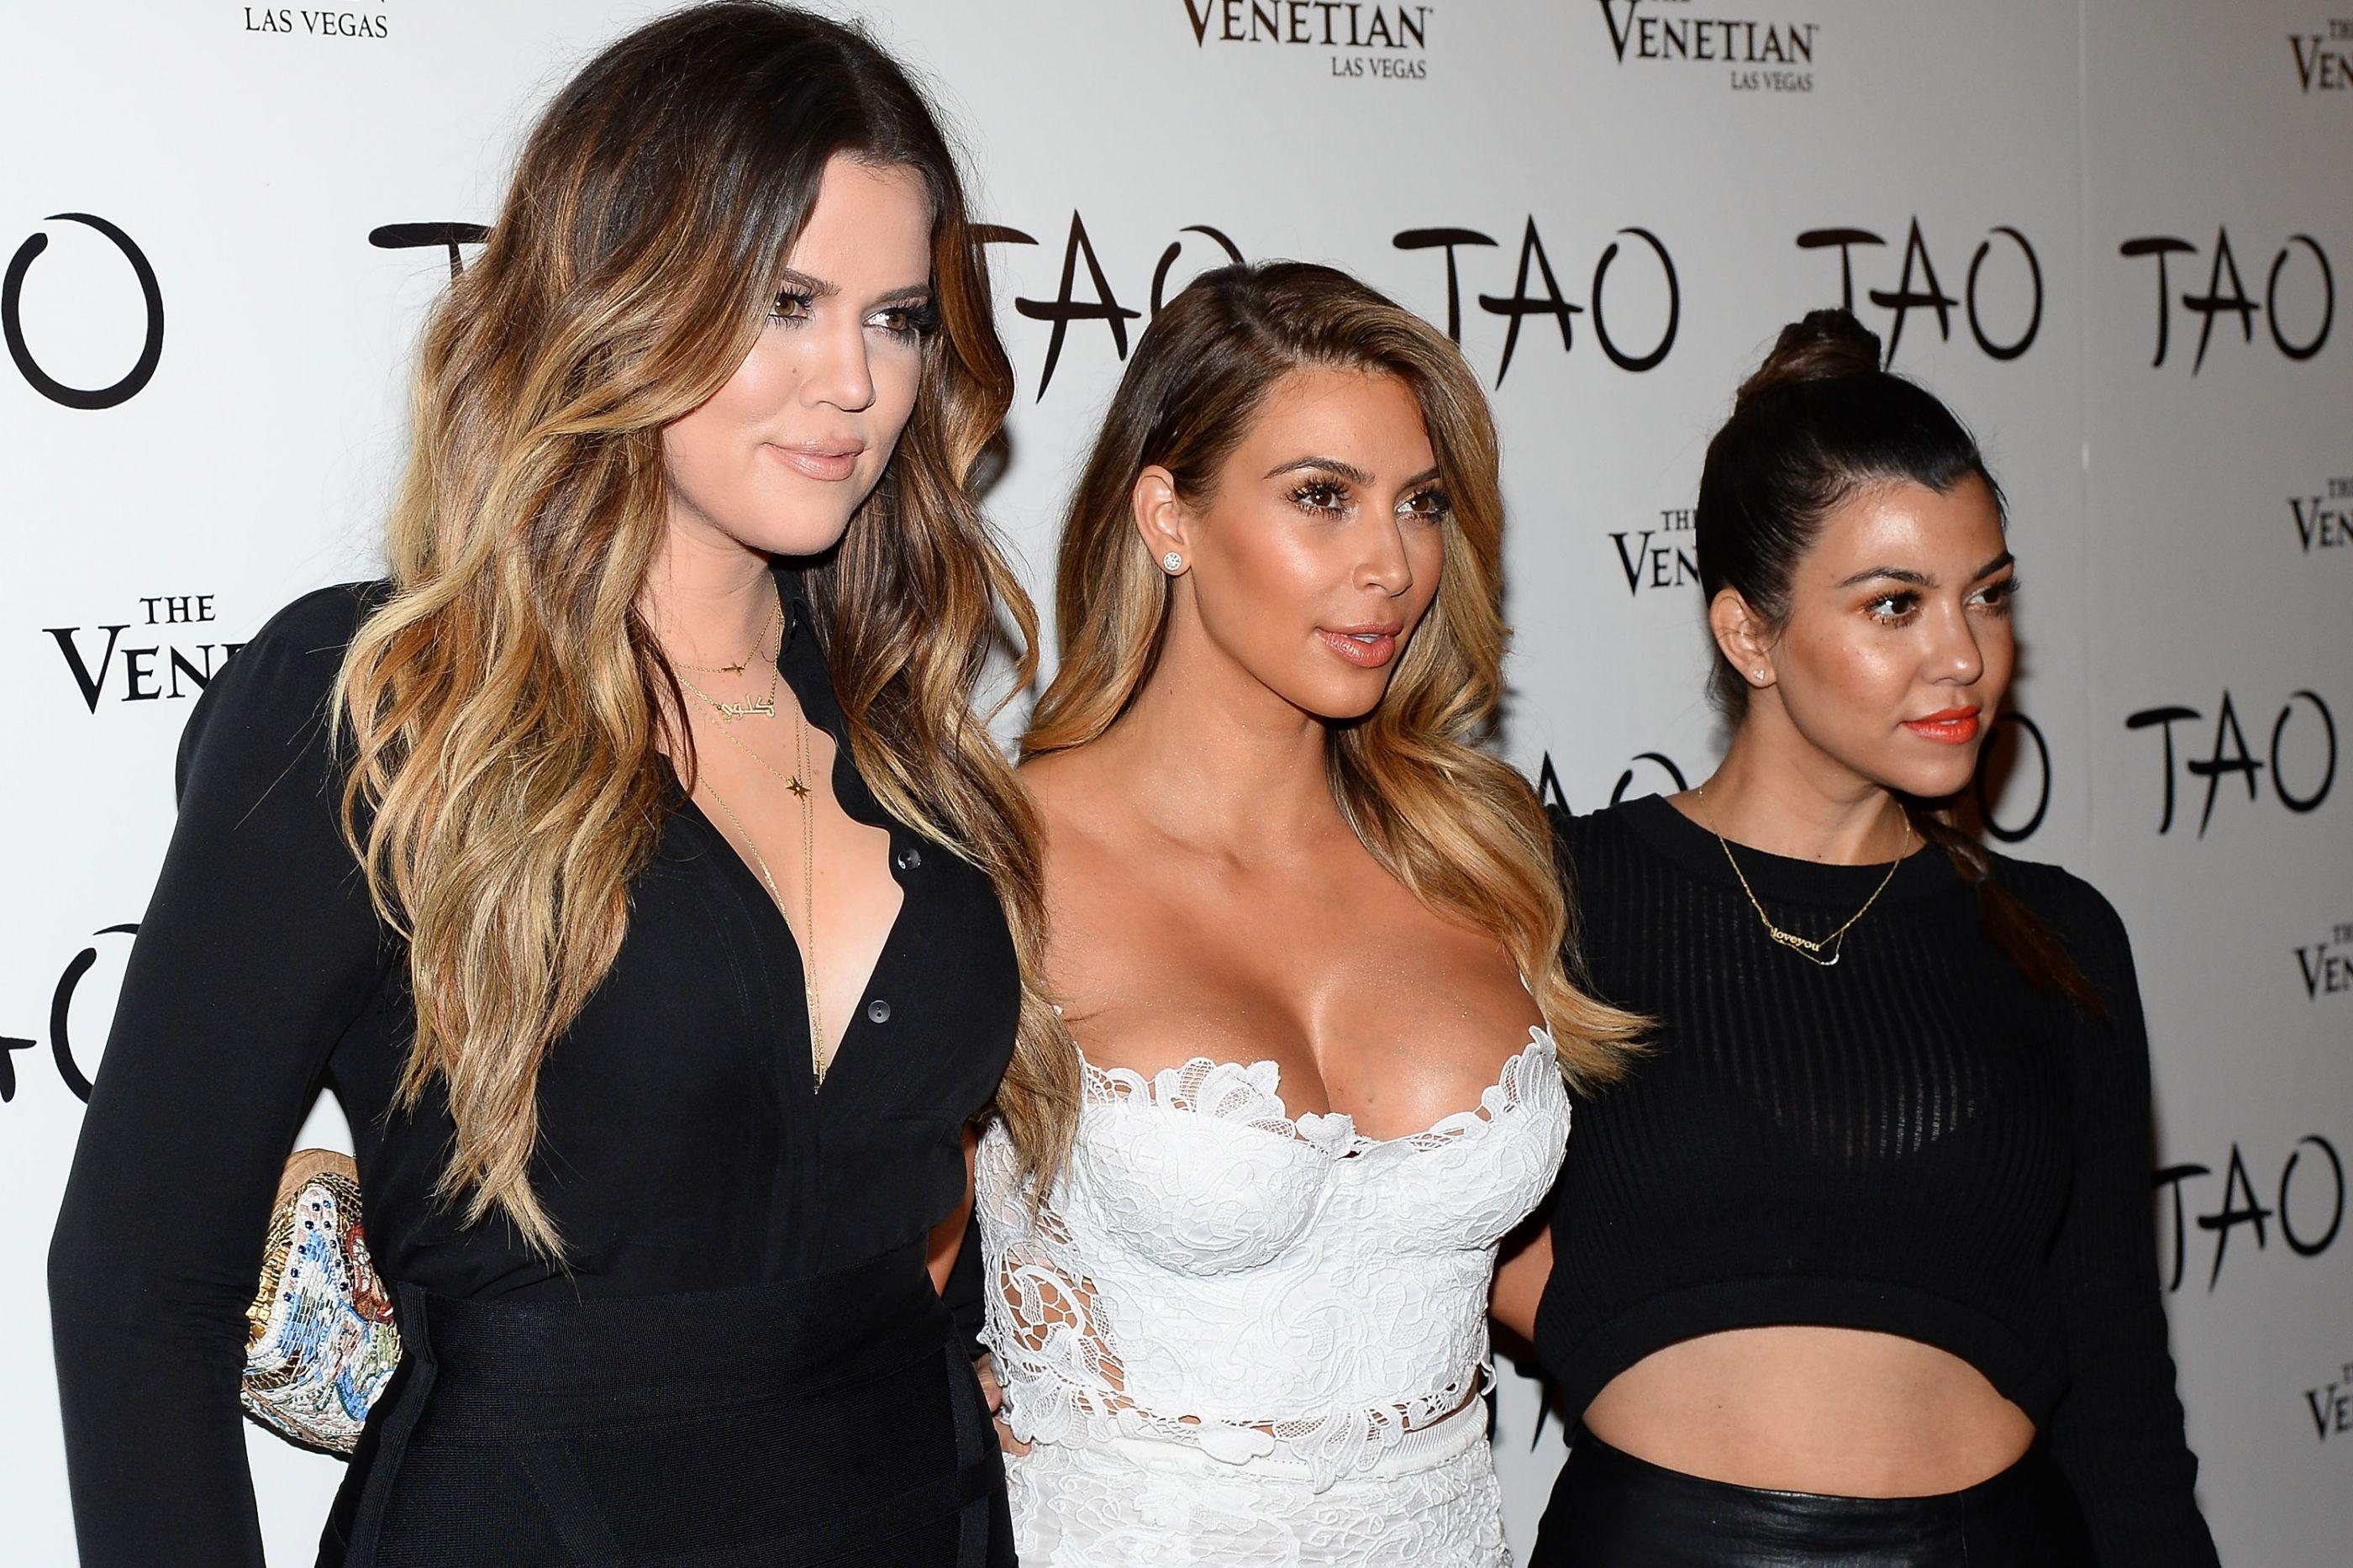 Irmãs Kardashian ganham processo e enchem a carteira com indemnização